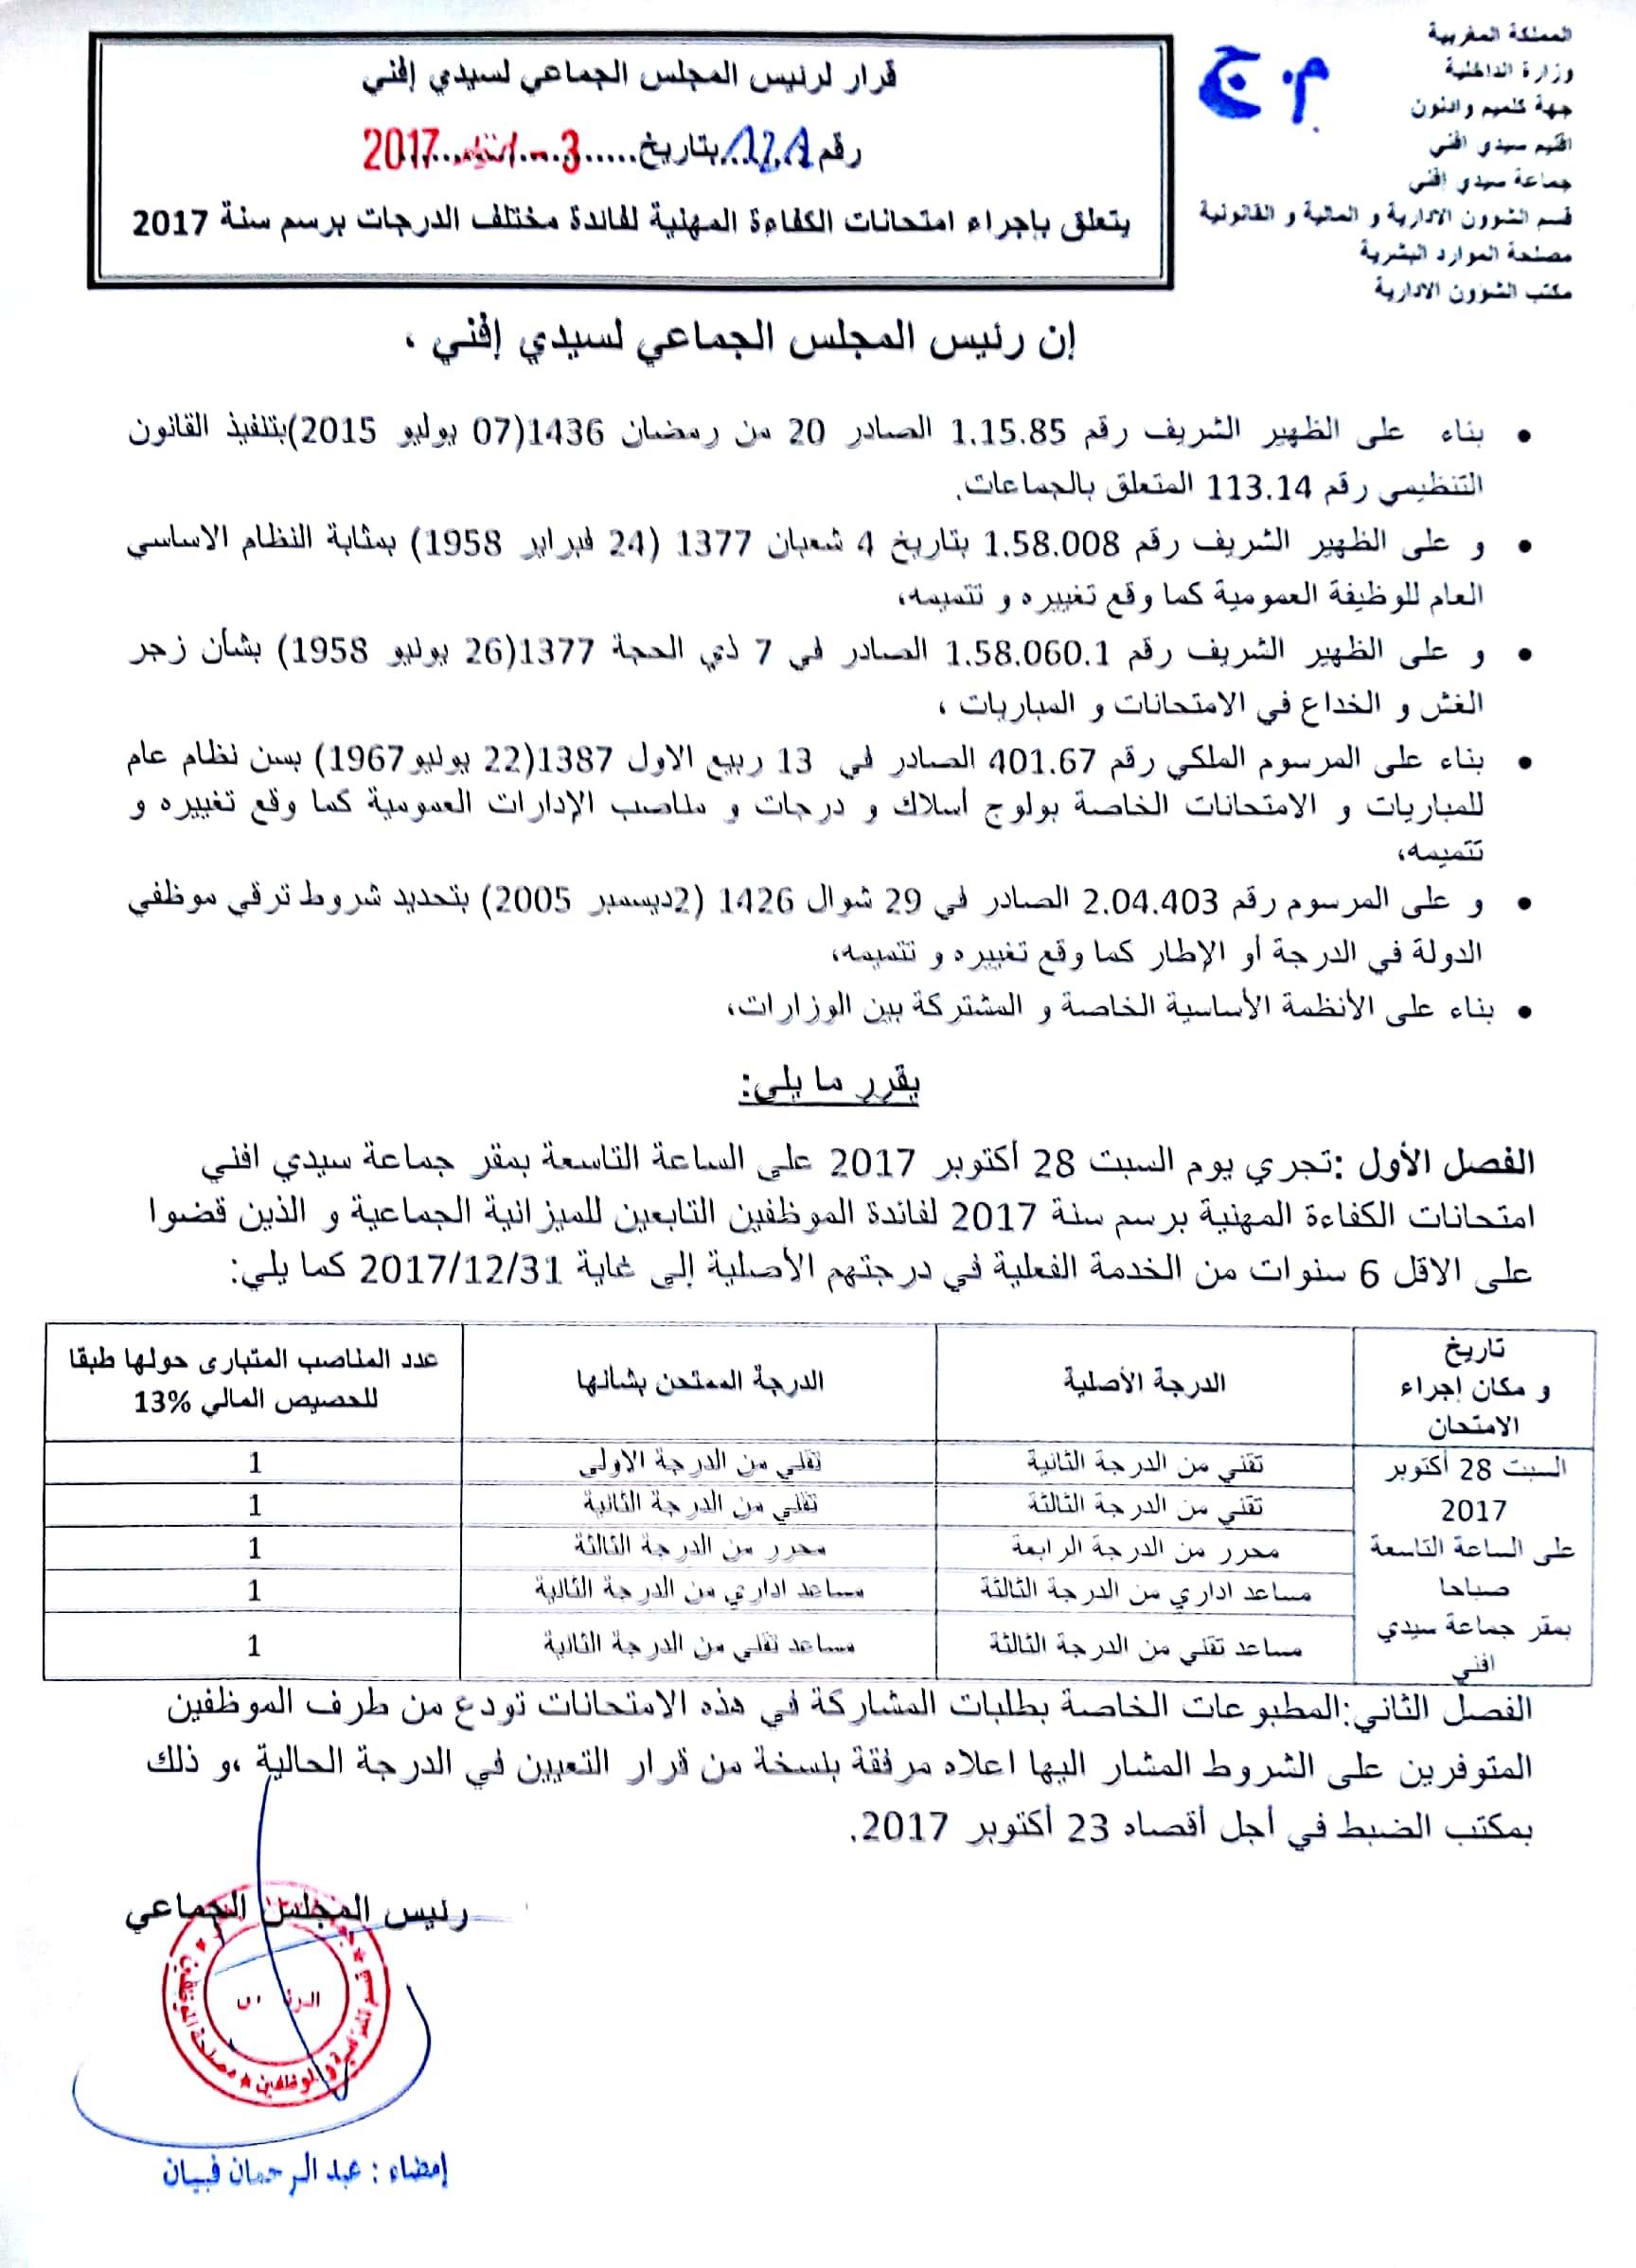 Nouveau document 2017-10-04 (1)_2